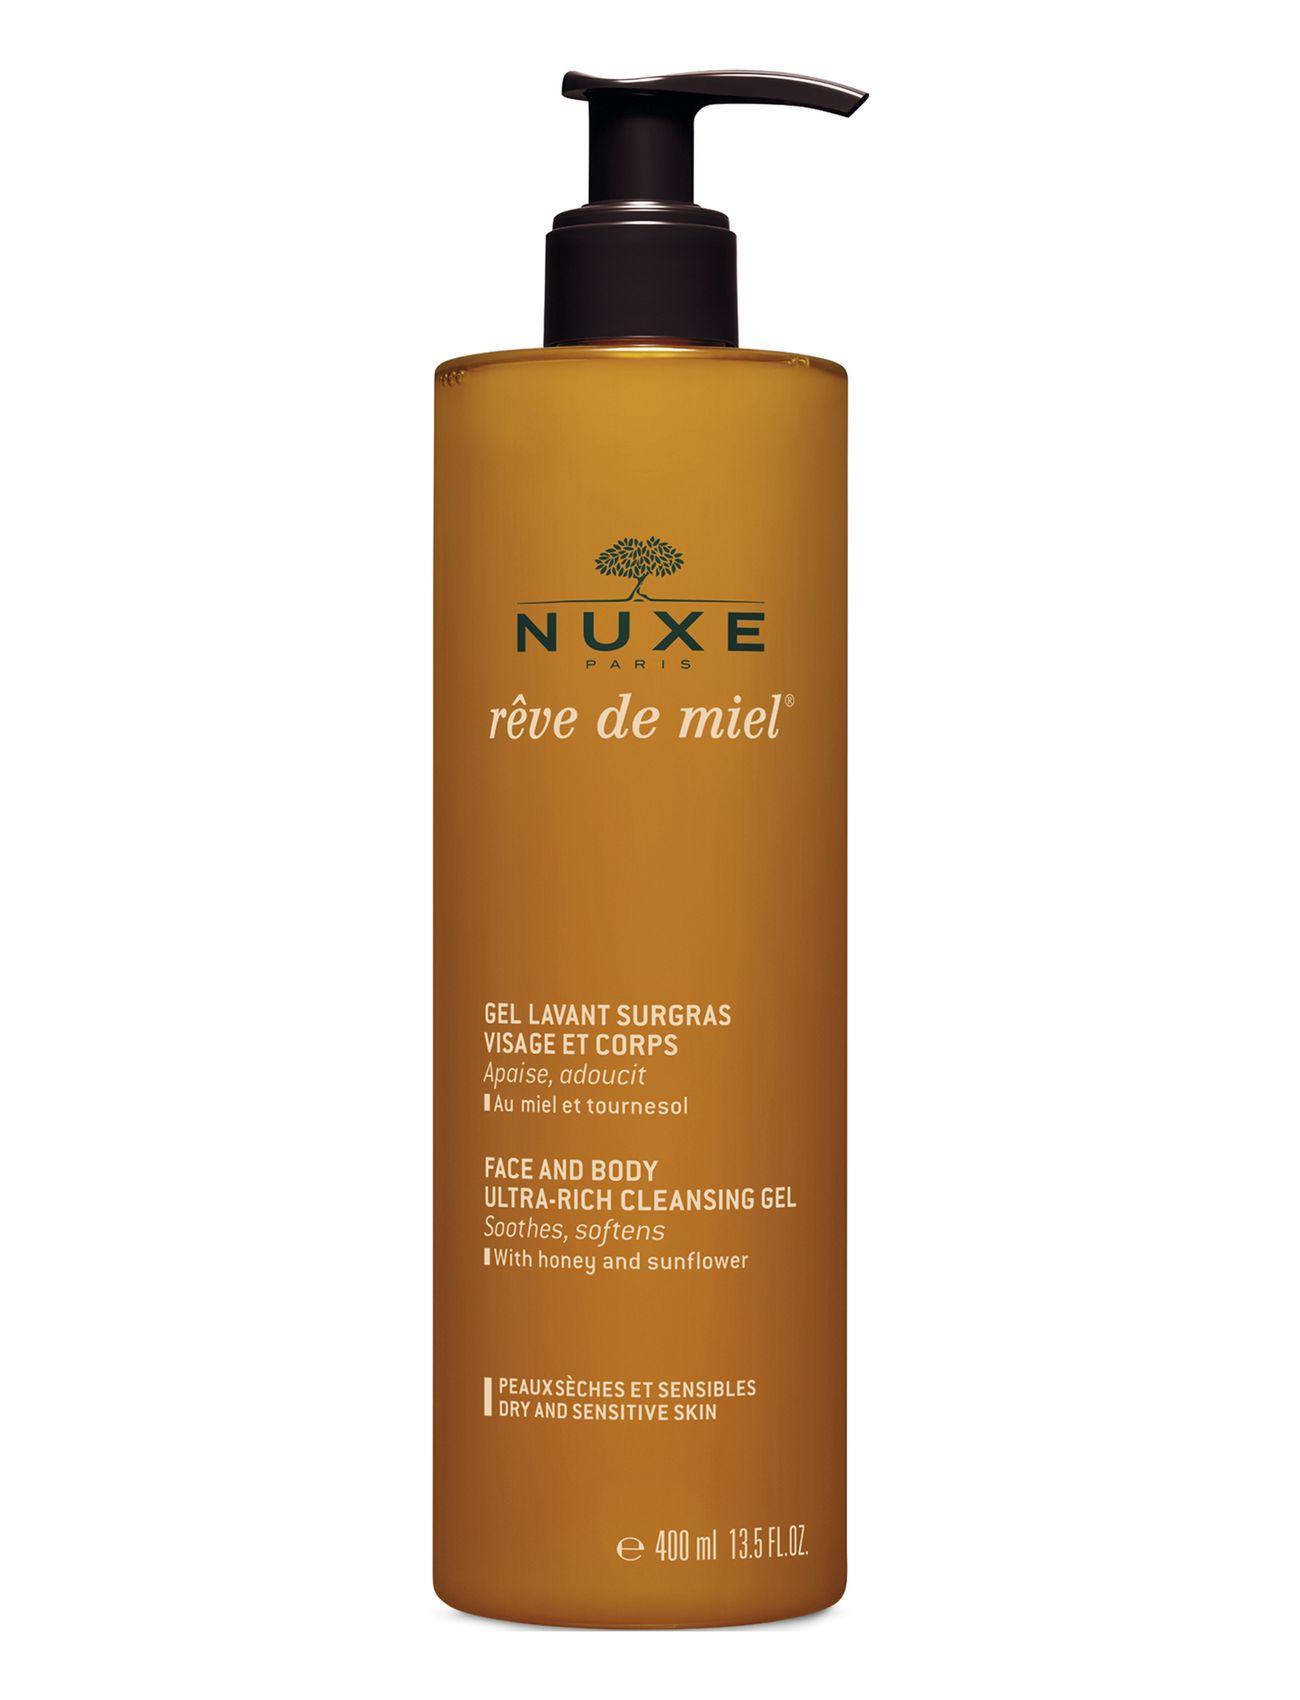 nuxe – Gel lavant visage et corps på boozt.com dk